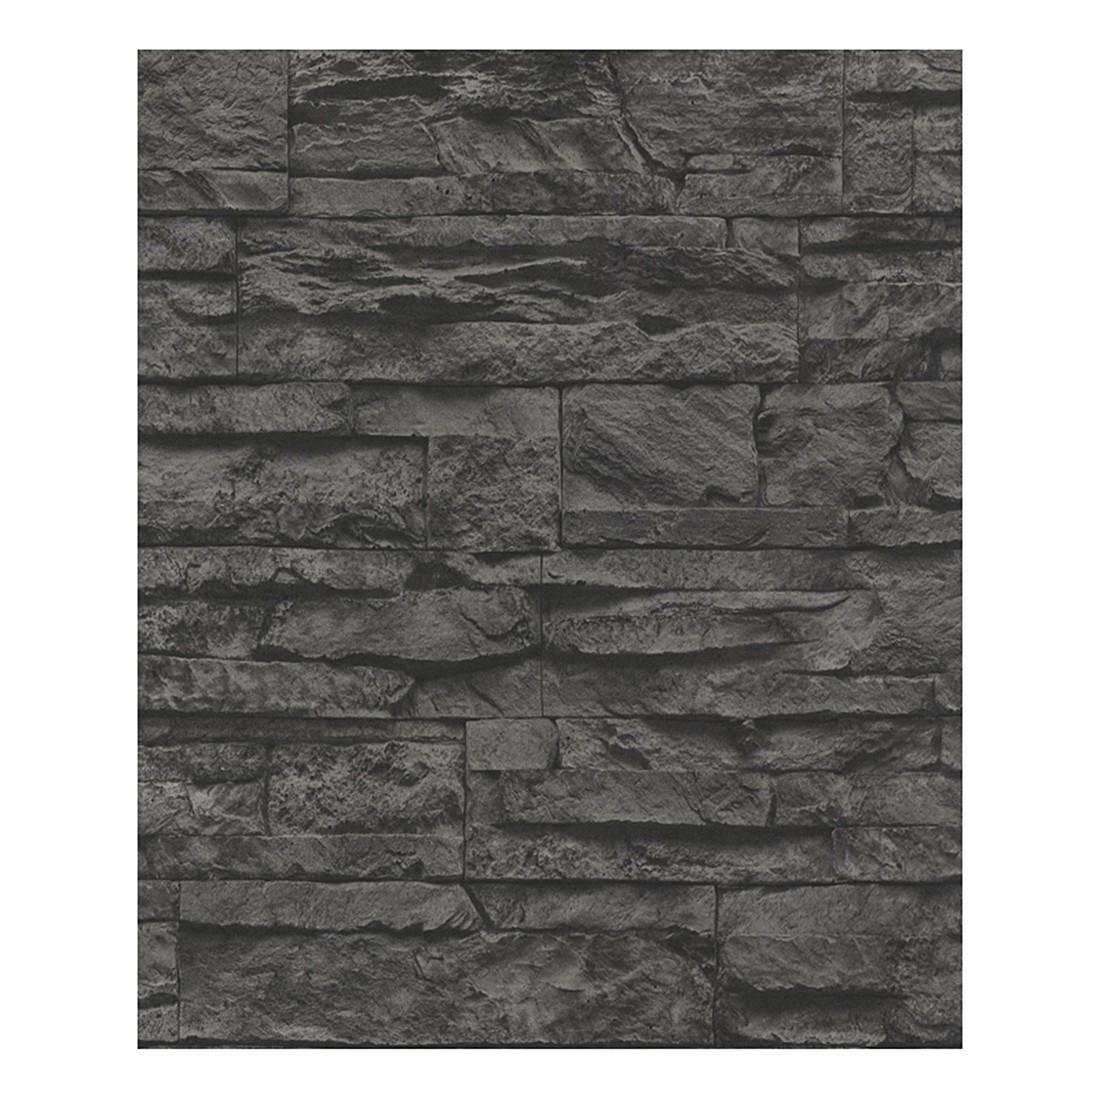 Tapete Wood and Stone – grau, schwarz – strukturiert, Home24Deko jetzt kaufen